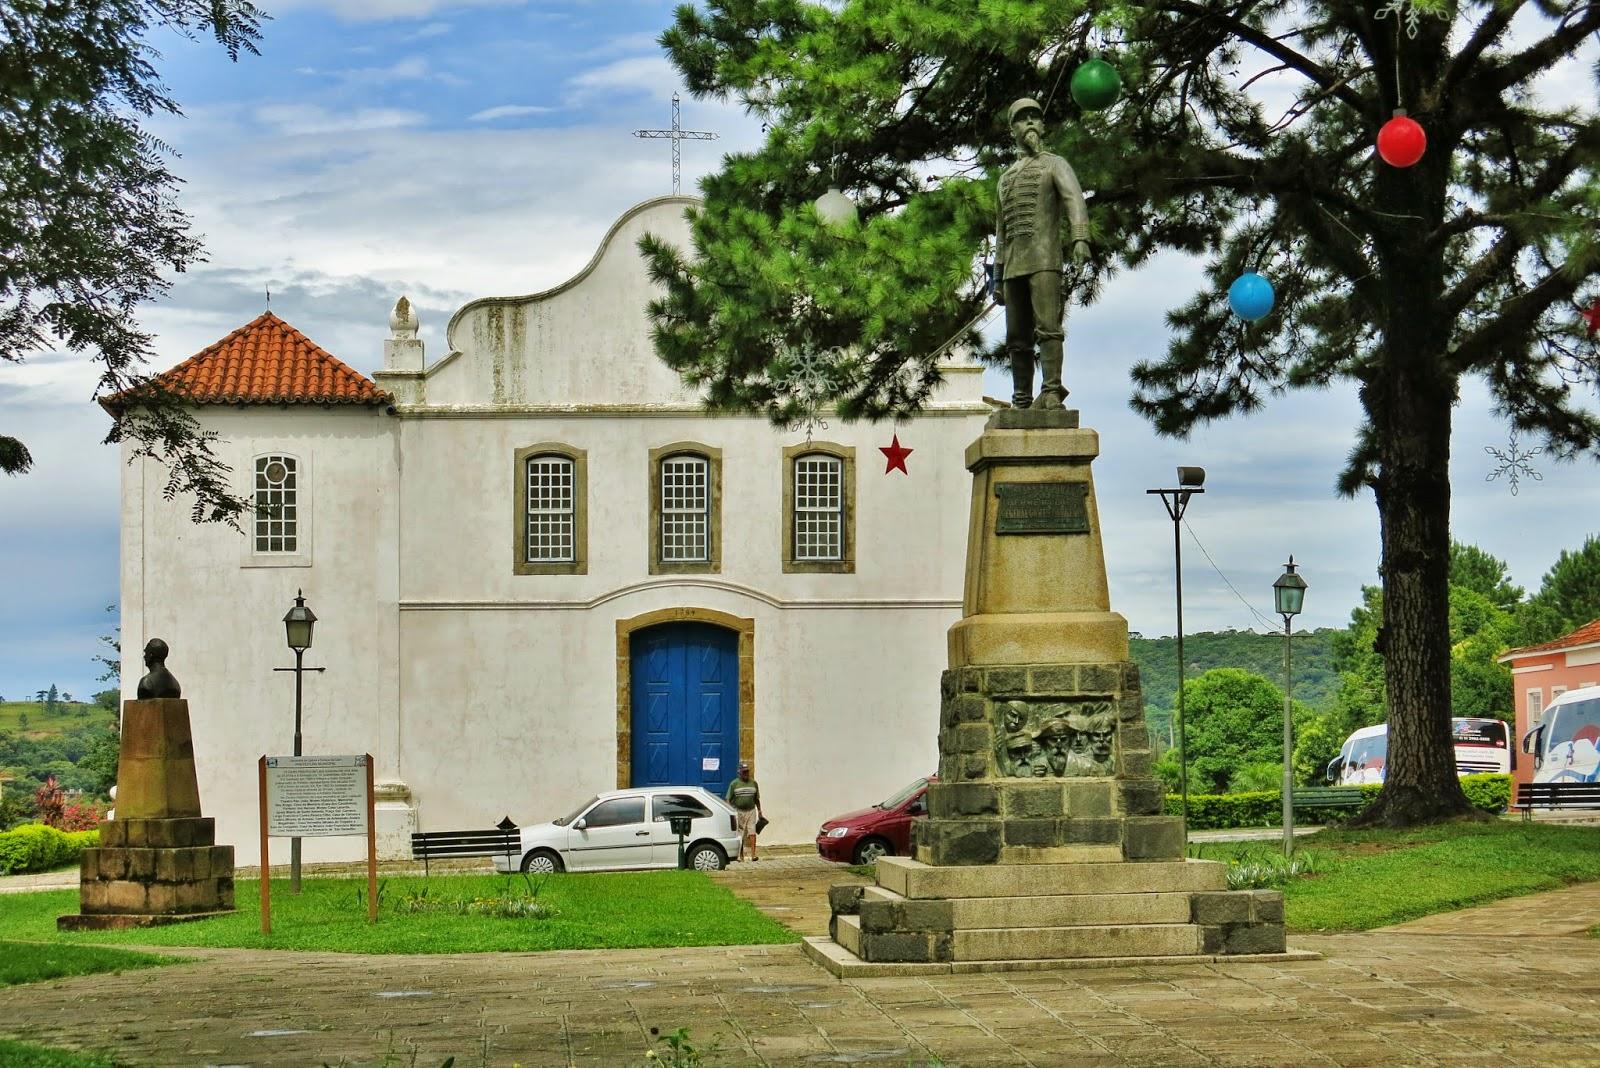 Estátua do Coronel Gomes Carneiro, herói do Cerco da Lapa, no Paraná